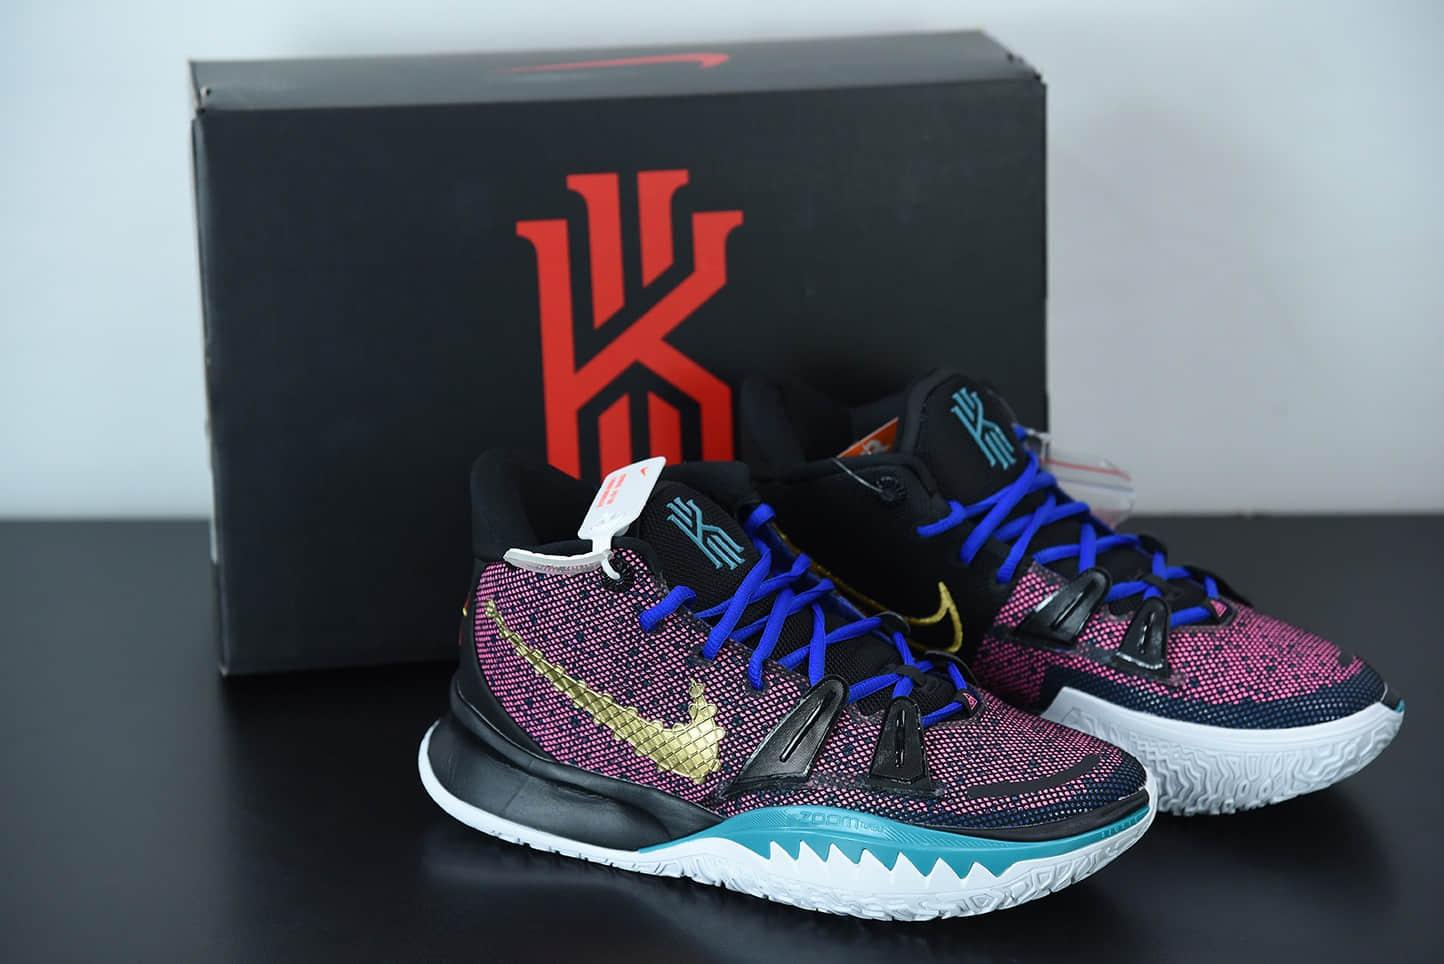 欧文Kyrie 7 Pre Heat Ep欧文7代中国结实战篮球鞋纯原版本 货号:CQ9327-006